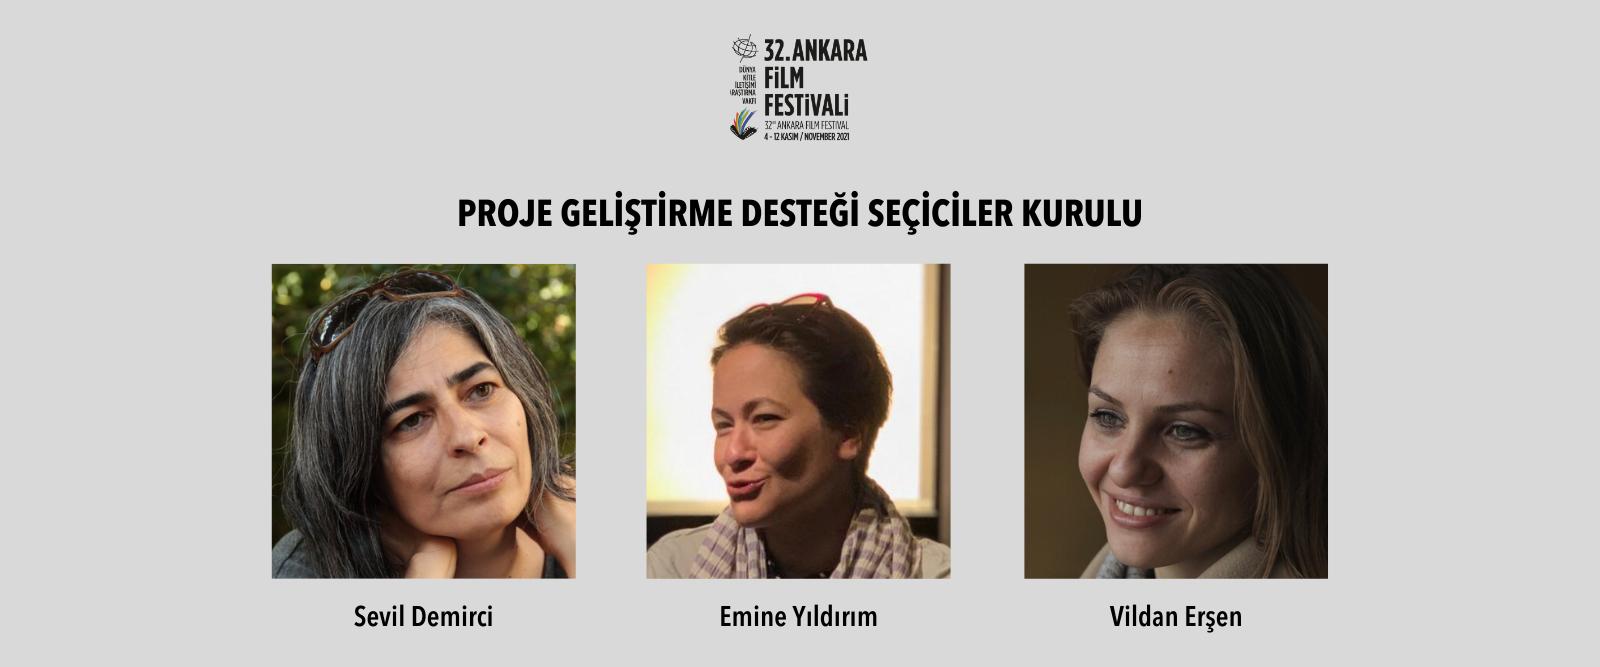 Ankara Film Festivali Proje Geliştirme Desteği Seçiciler Kurulu Belirlendi